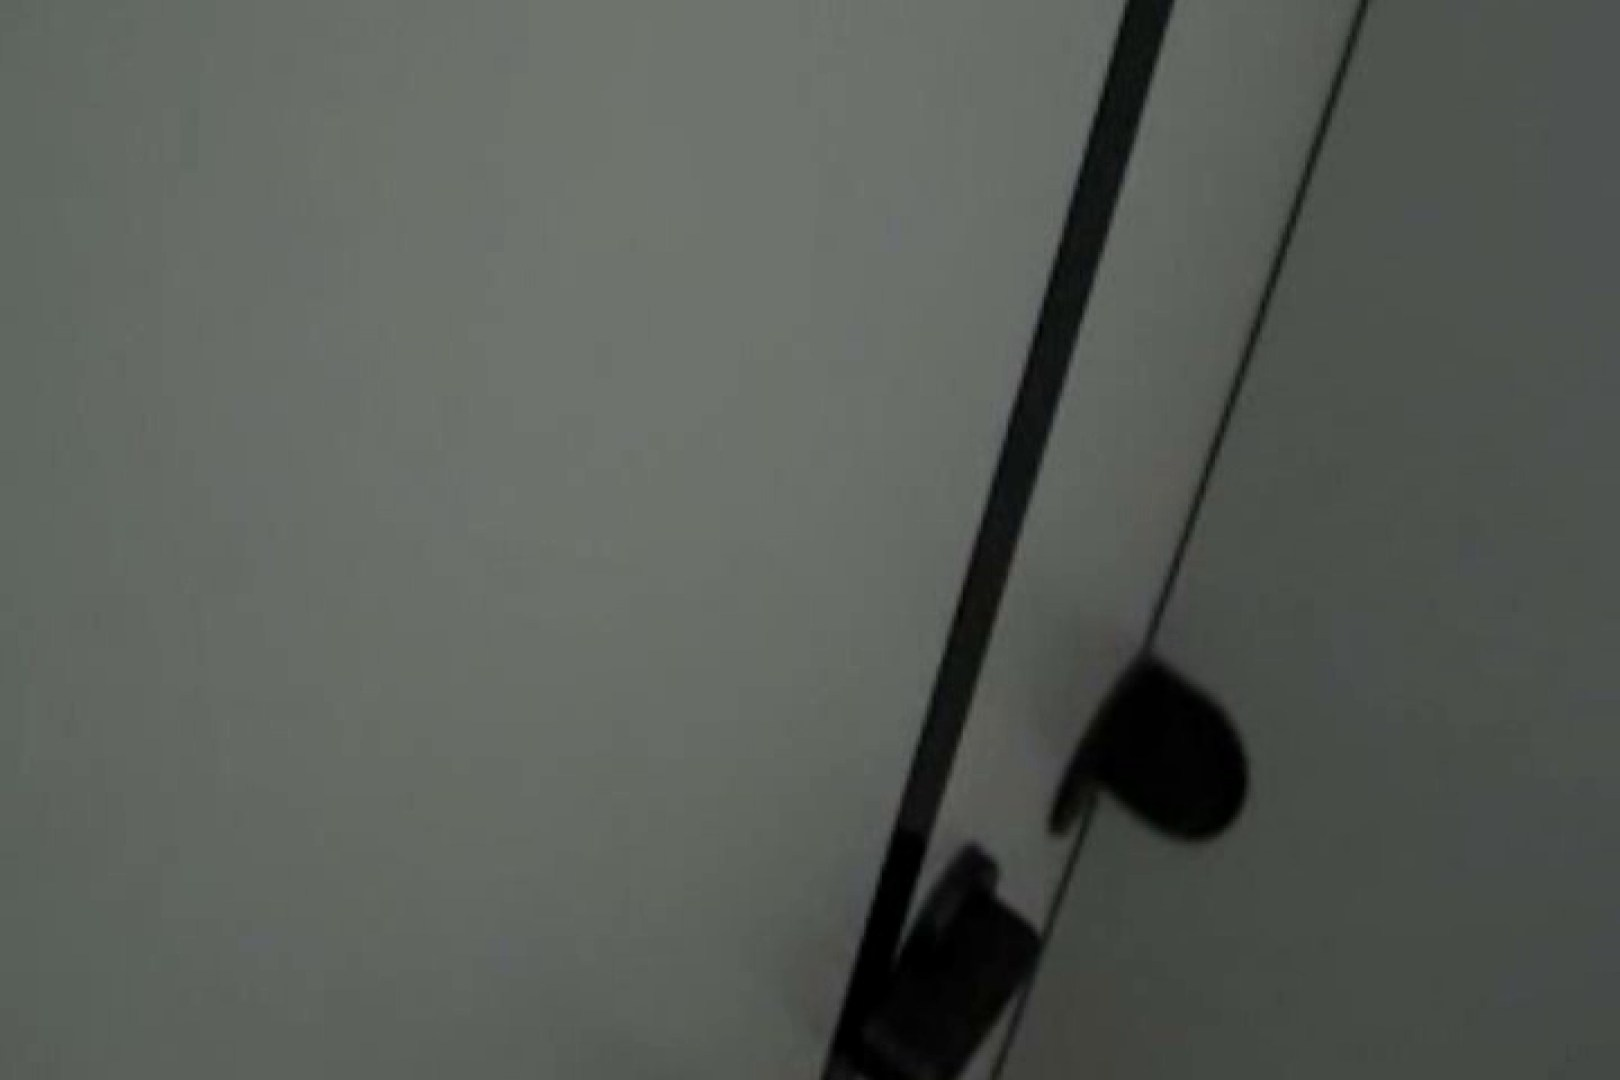 ぼっとん洗面所スペシャルVol.7 洗面所  81pic 26